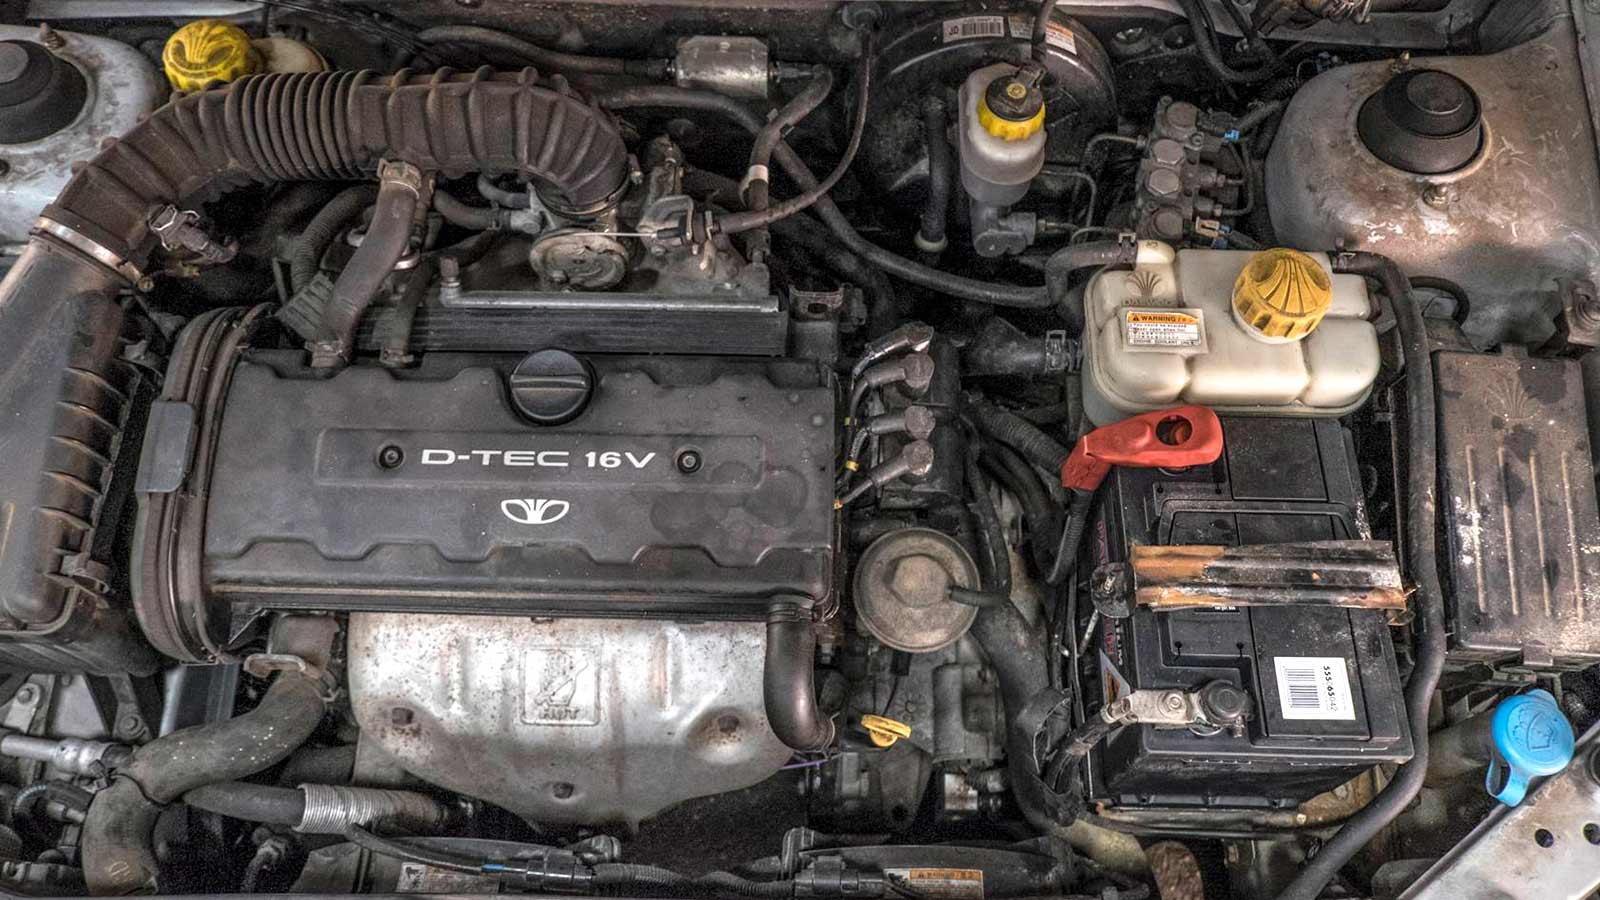 Диагностика и обслуживание автомобилей Daewoo (Деу) СПБ